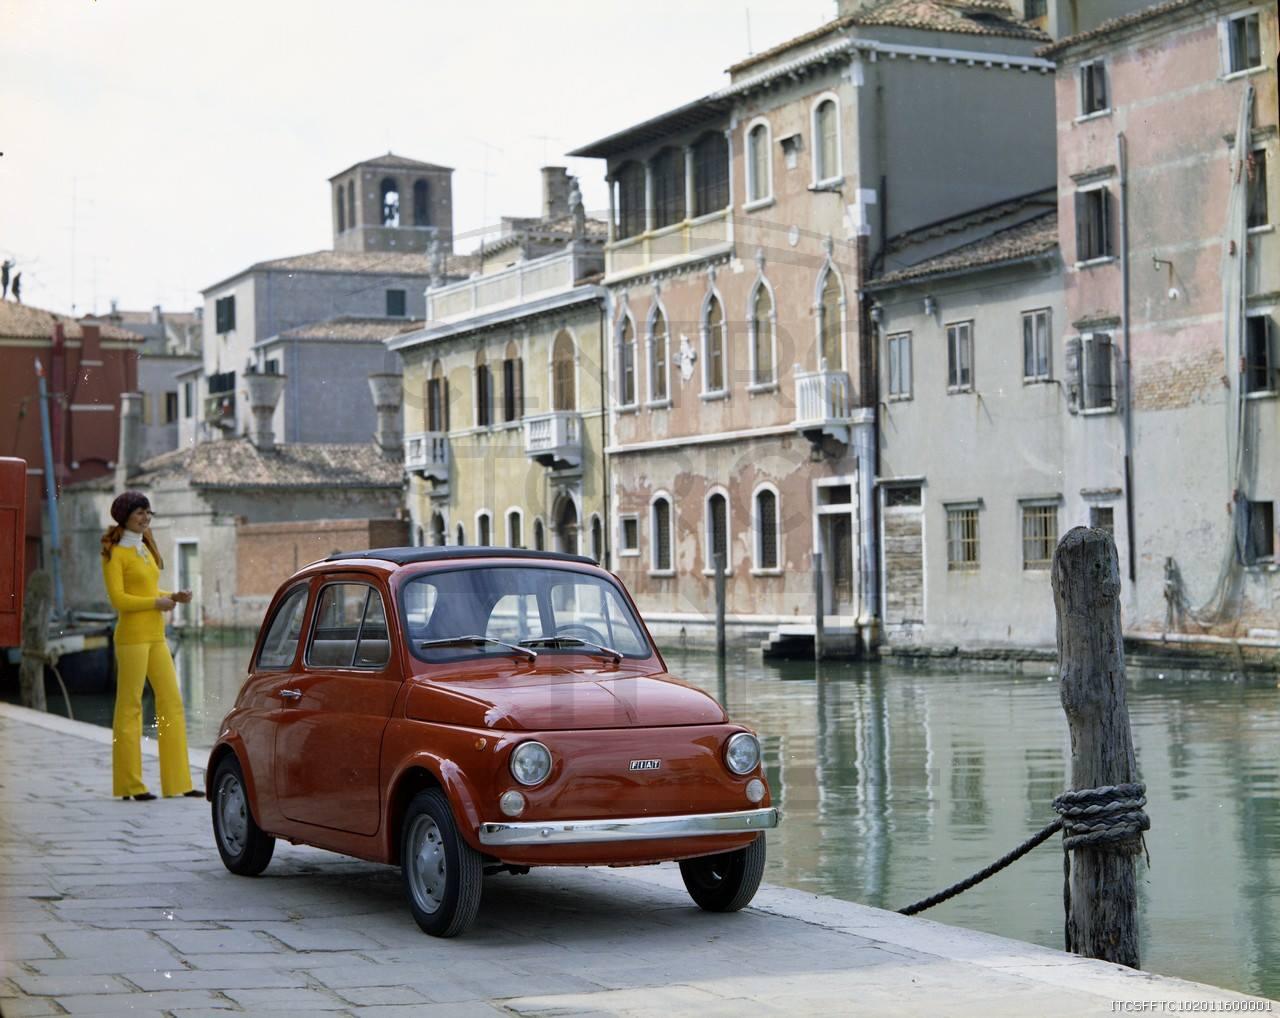 Fiat 500,sempre bonito em qualquer ocasião! 1975. Fiat 500 R. Veneto.